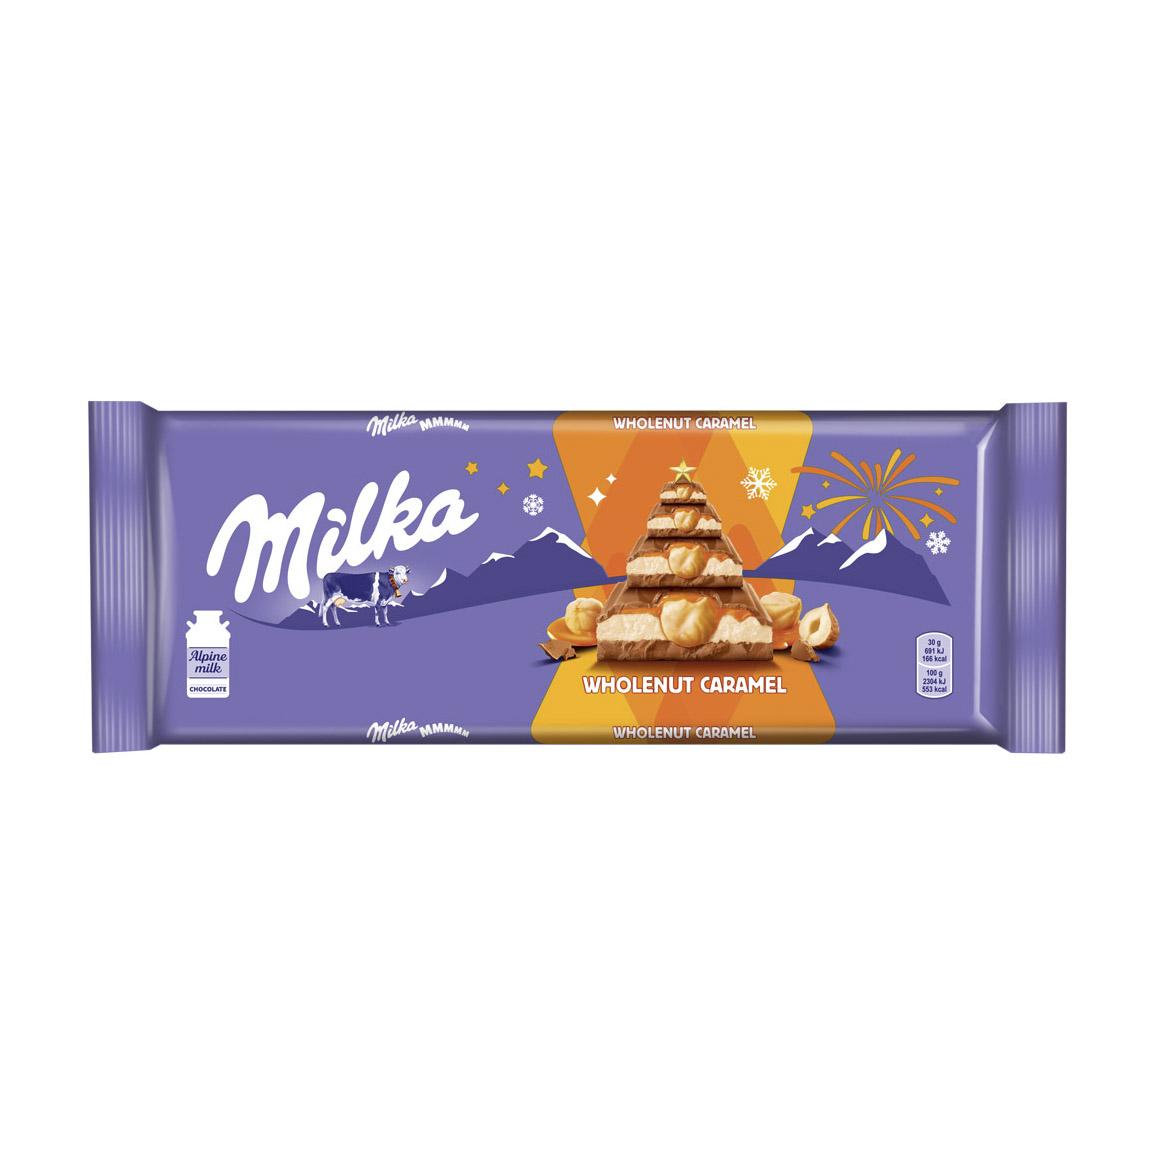 Шоколад молочный Milka с молочной и карамельной начинками и обжаренным цельным фундуком 300 г